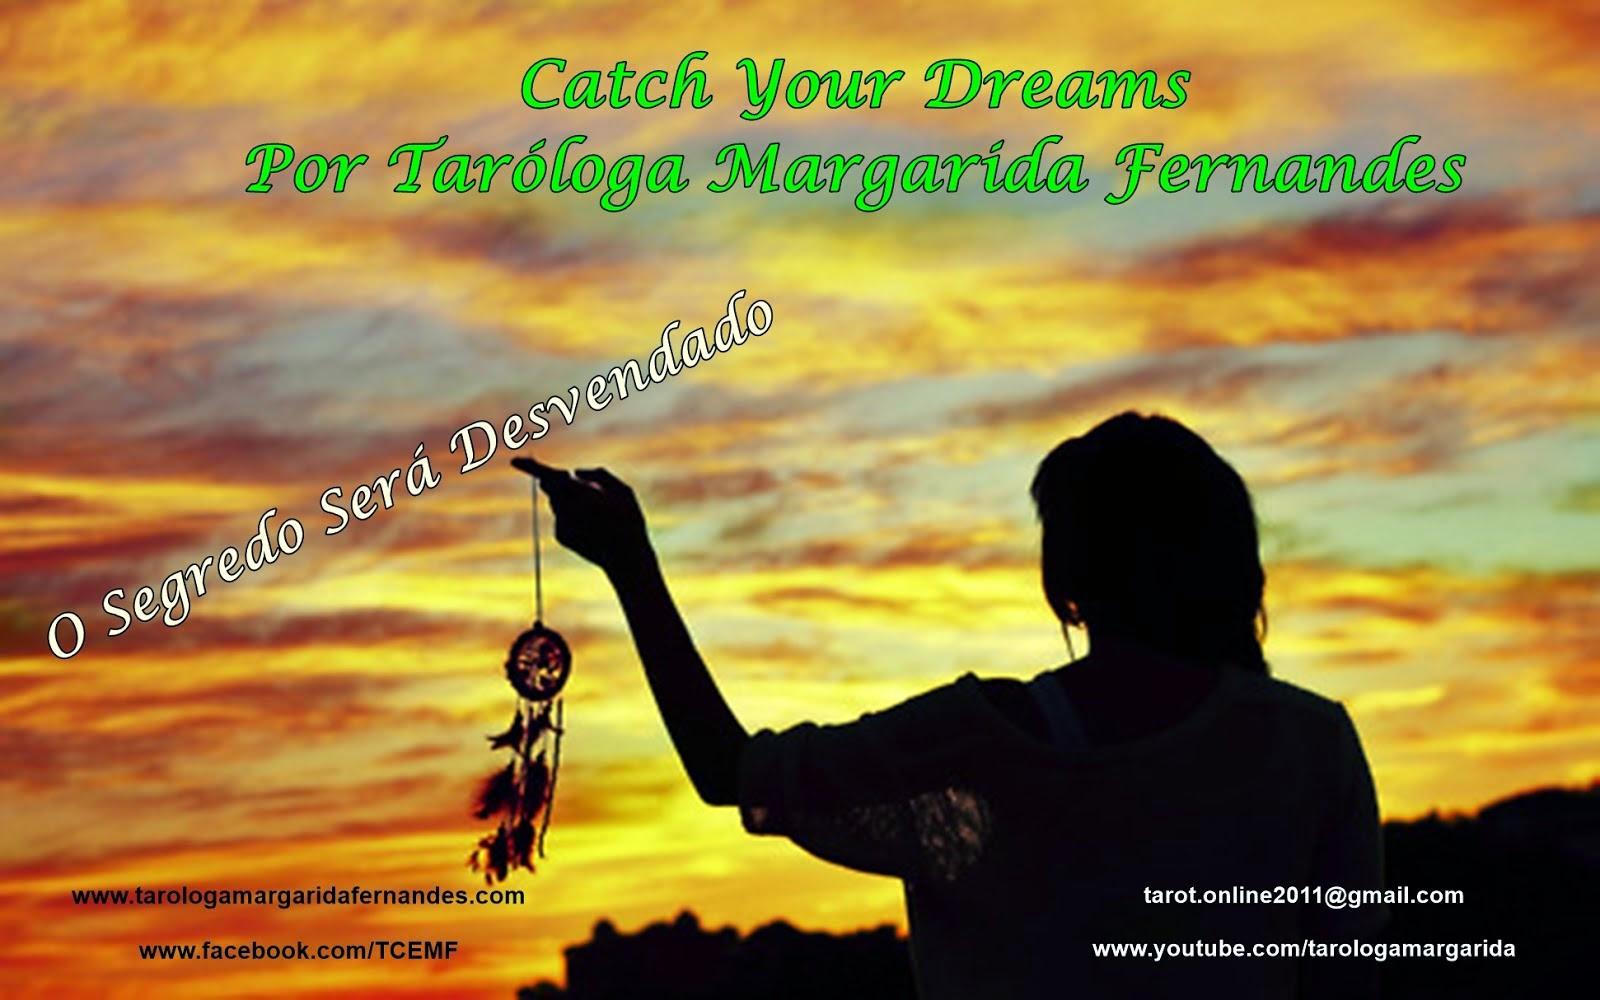 Catch Your Dreams - O Segredo Será Desvendado